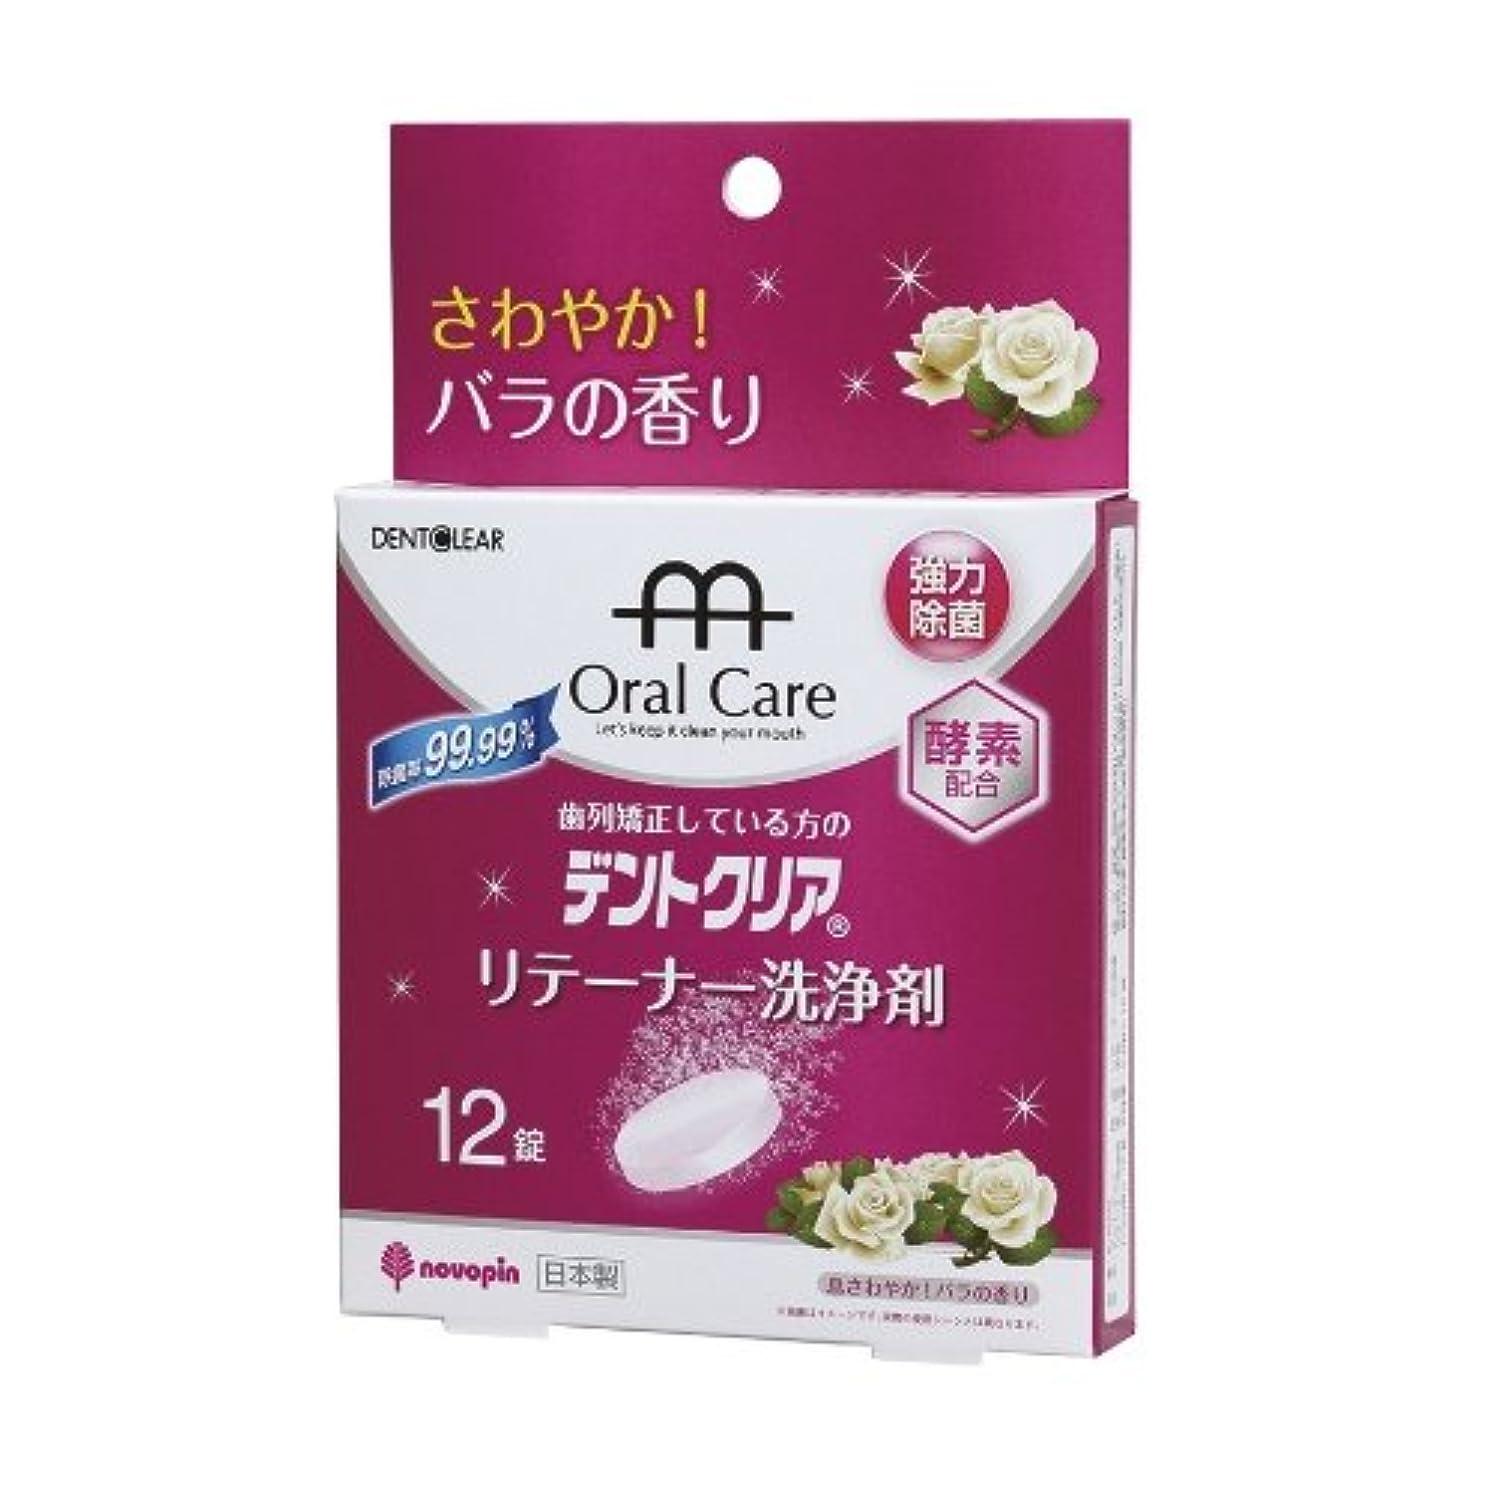 広告するトランペット途方もない紀陽除虫菊 歯列矯正している方のデントクリア リテーナー 洗浄剤 バラの香り 12錠